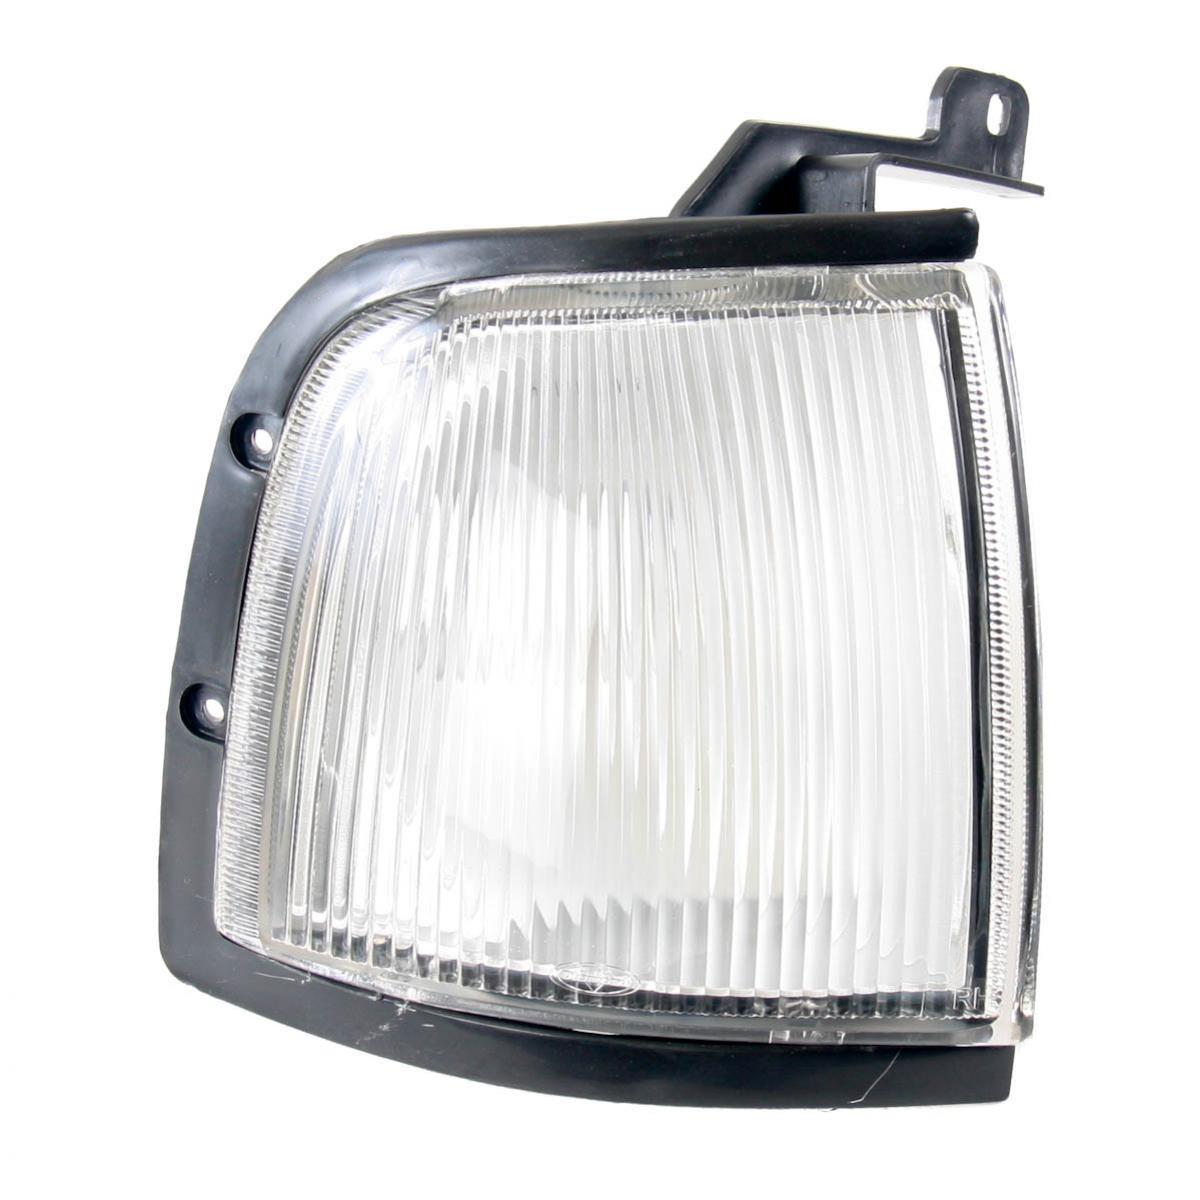 コーナーライト Corner Lights Indicator Lamp Blinker Right Fits Ford Ranger Pickup Truck 1999-01 コーナーライトインジケータランプ点滅右フォードレンジャーピックアップトラックに適合1999-01